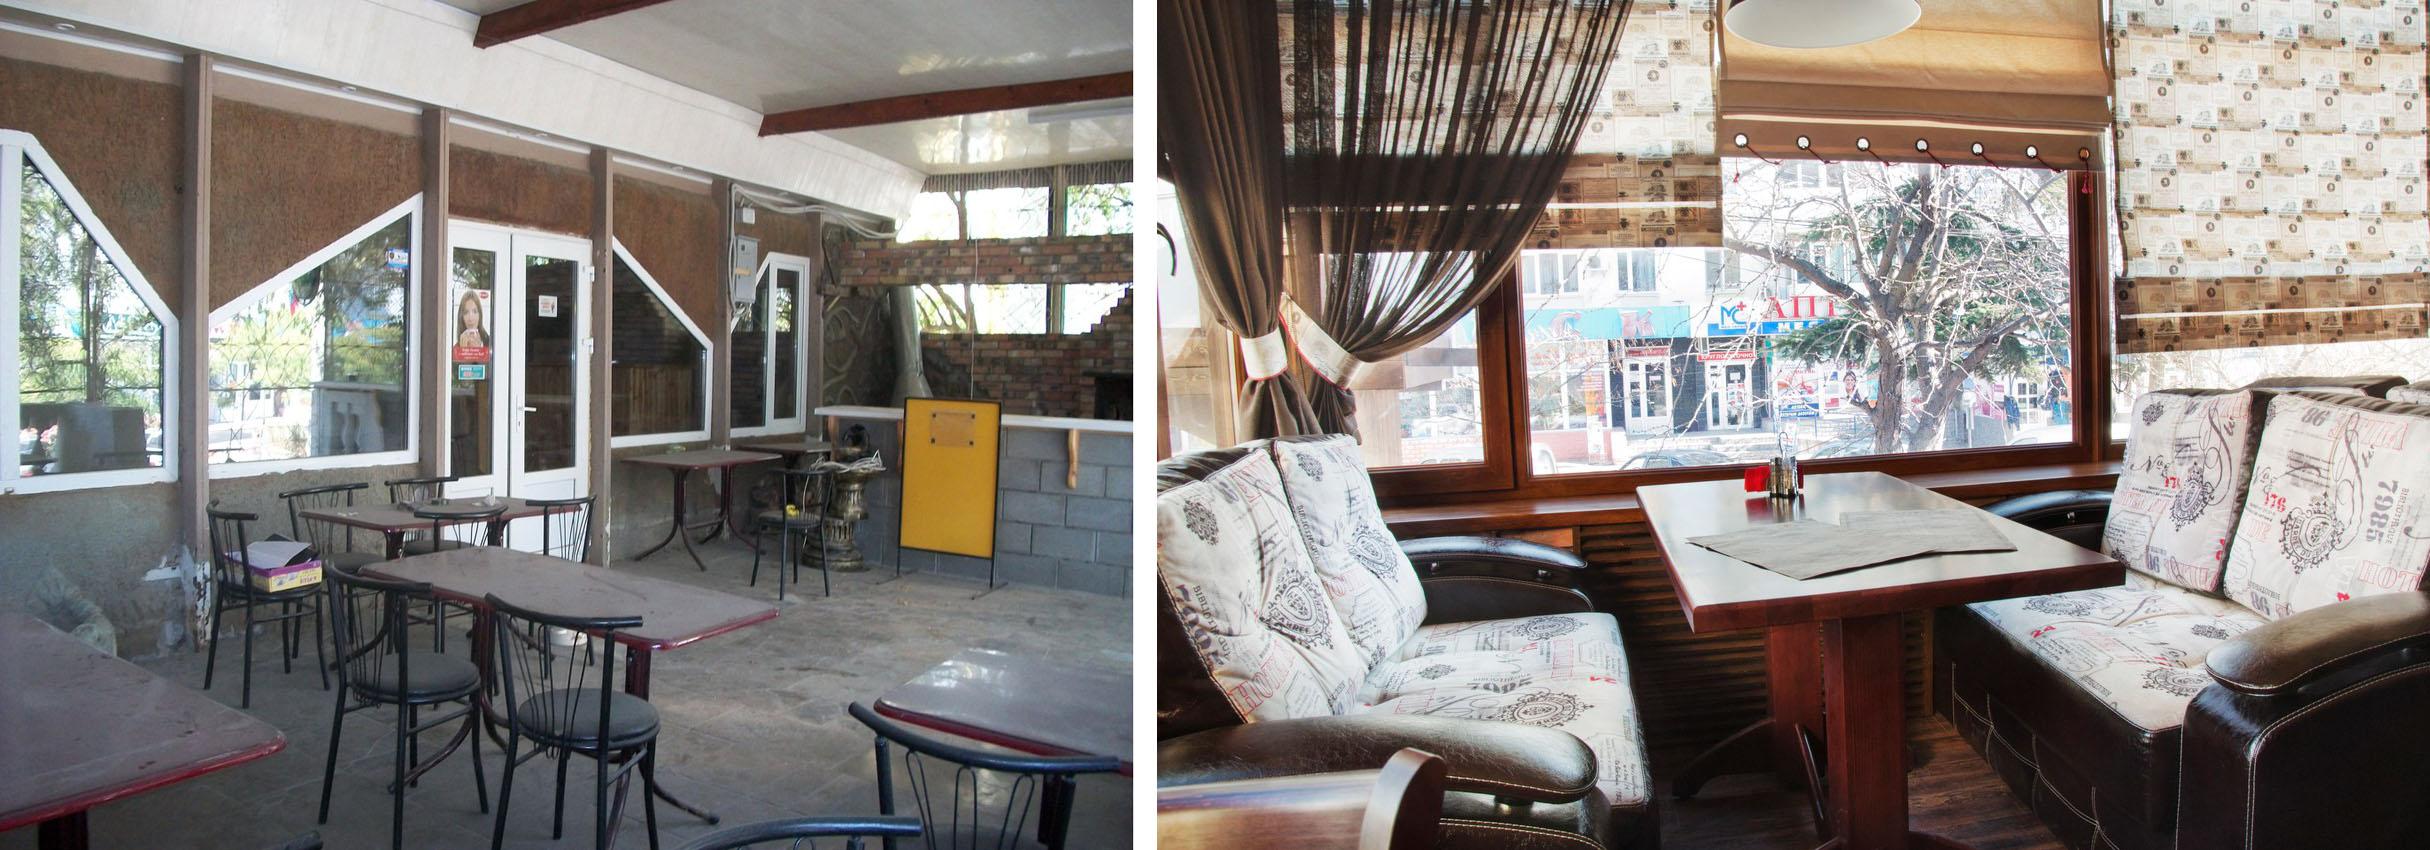 Дизайн посадочных мест кафе До и После